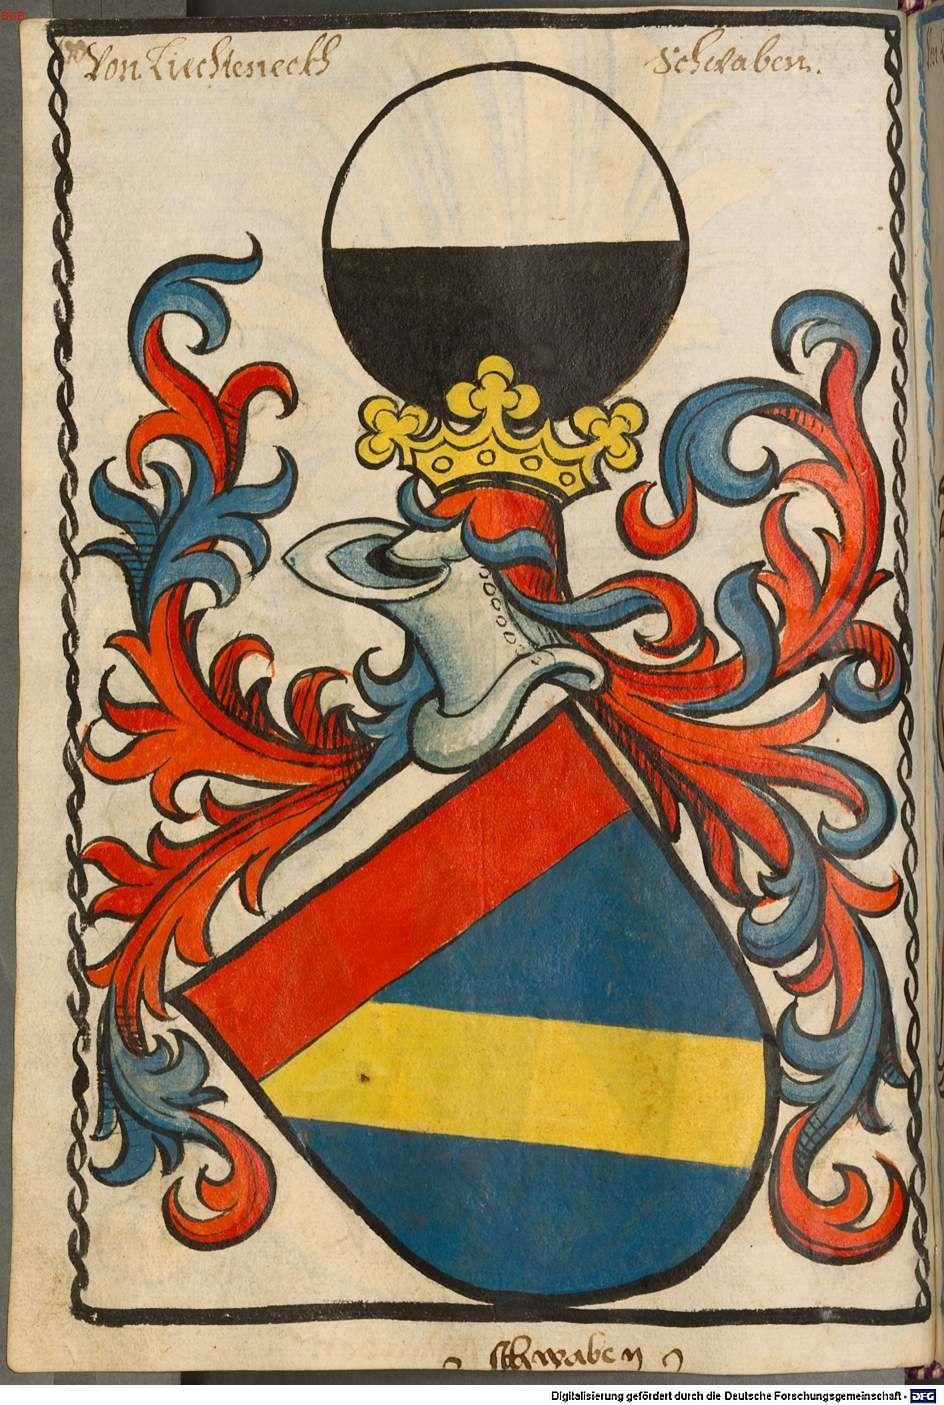 Scheibler'sches Wappenbuch Süddeutschland, um 1450 - 17. Jh. Cod.icon. 312 c  Folio 60